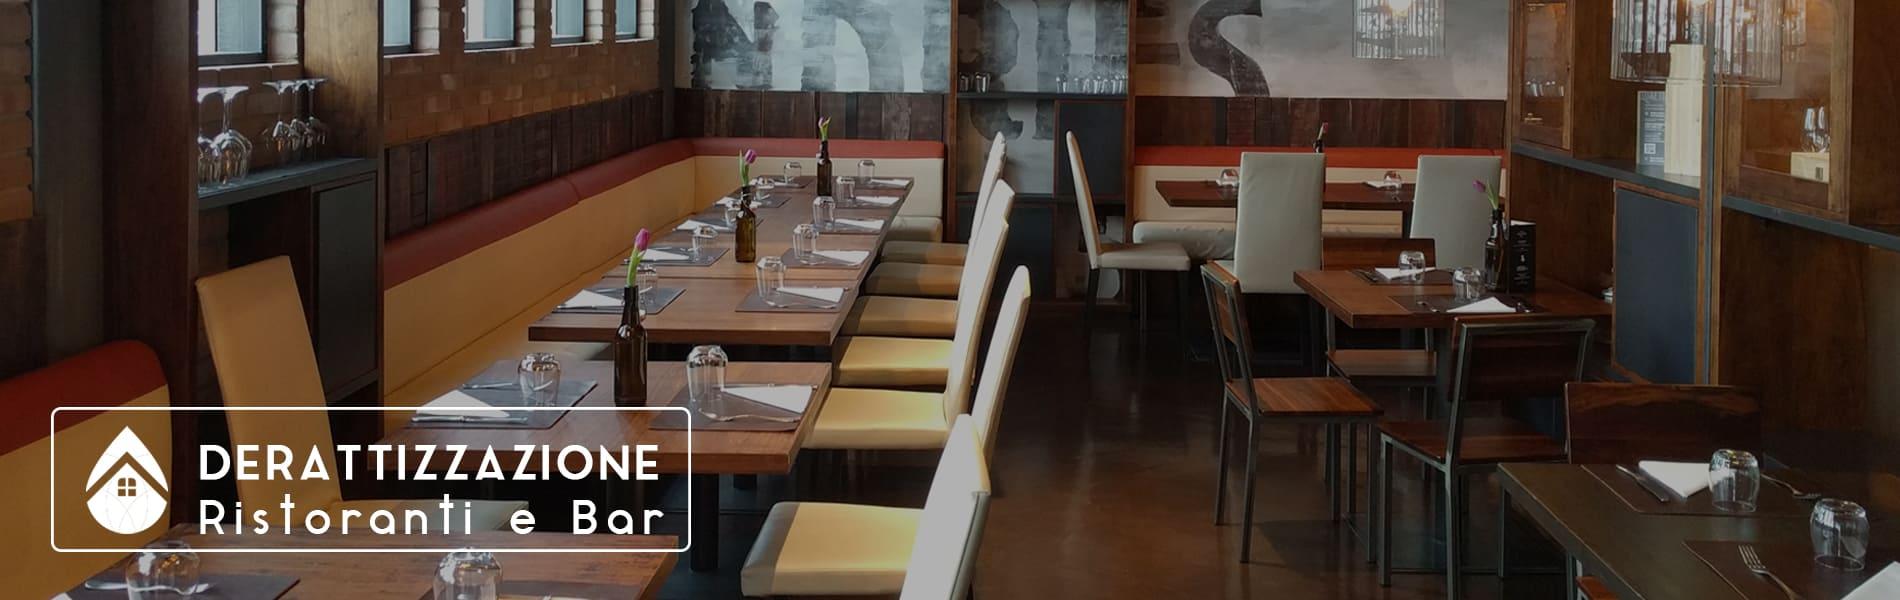 Derattizzazione topi nei ristoranti e bar | Emmada